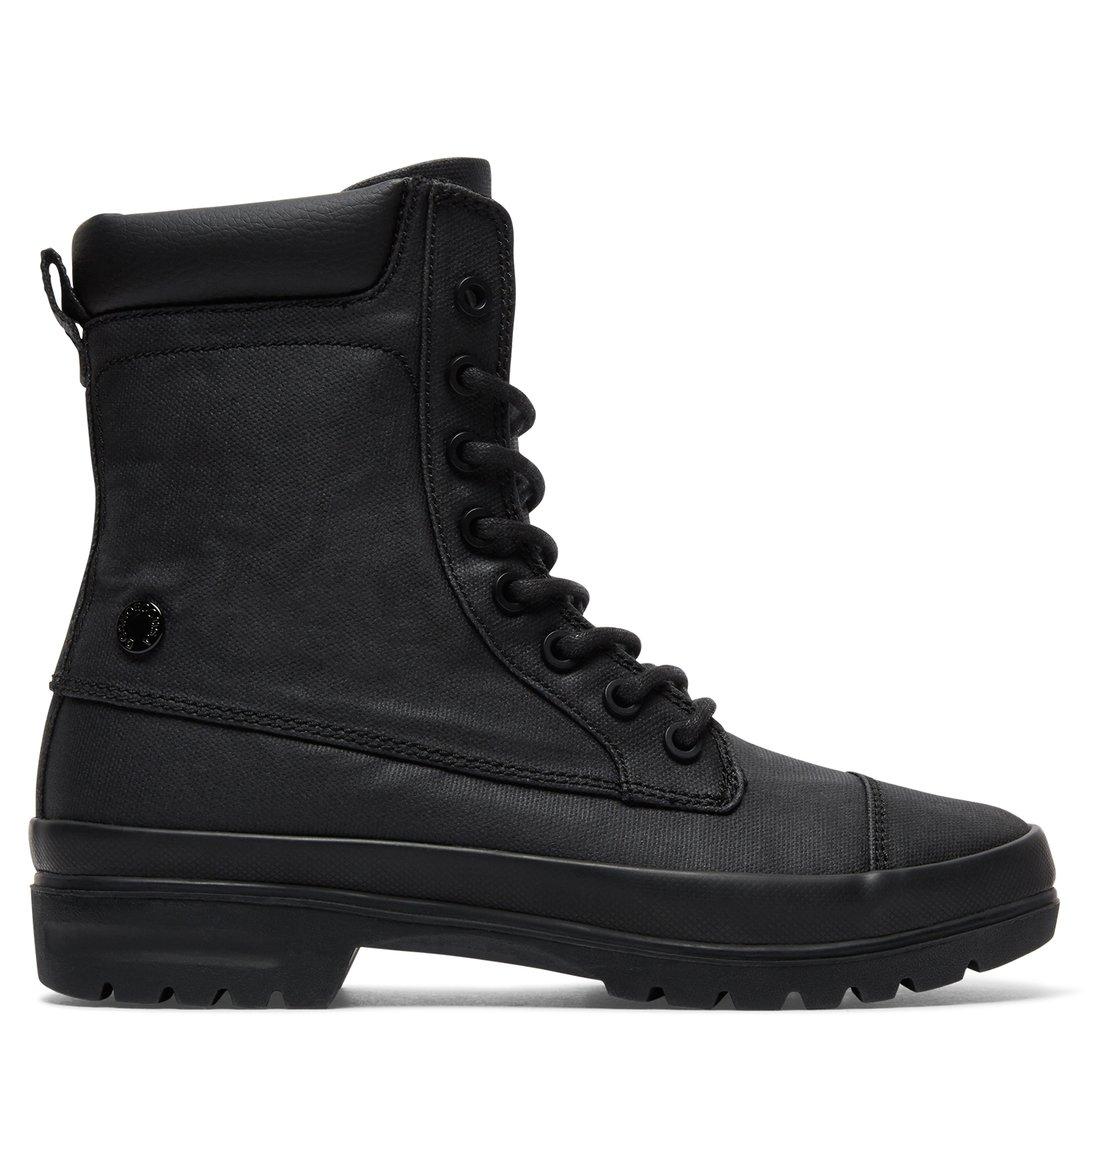 Chaussures DC SHOES AMNESTI TX Black black n2Se8jY